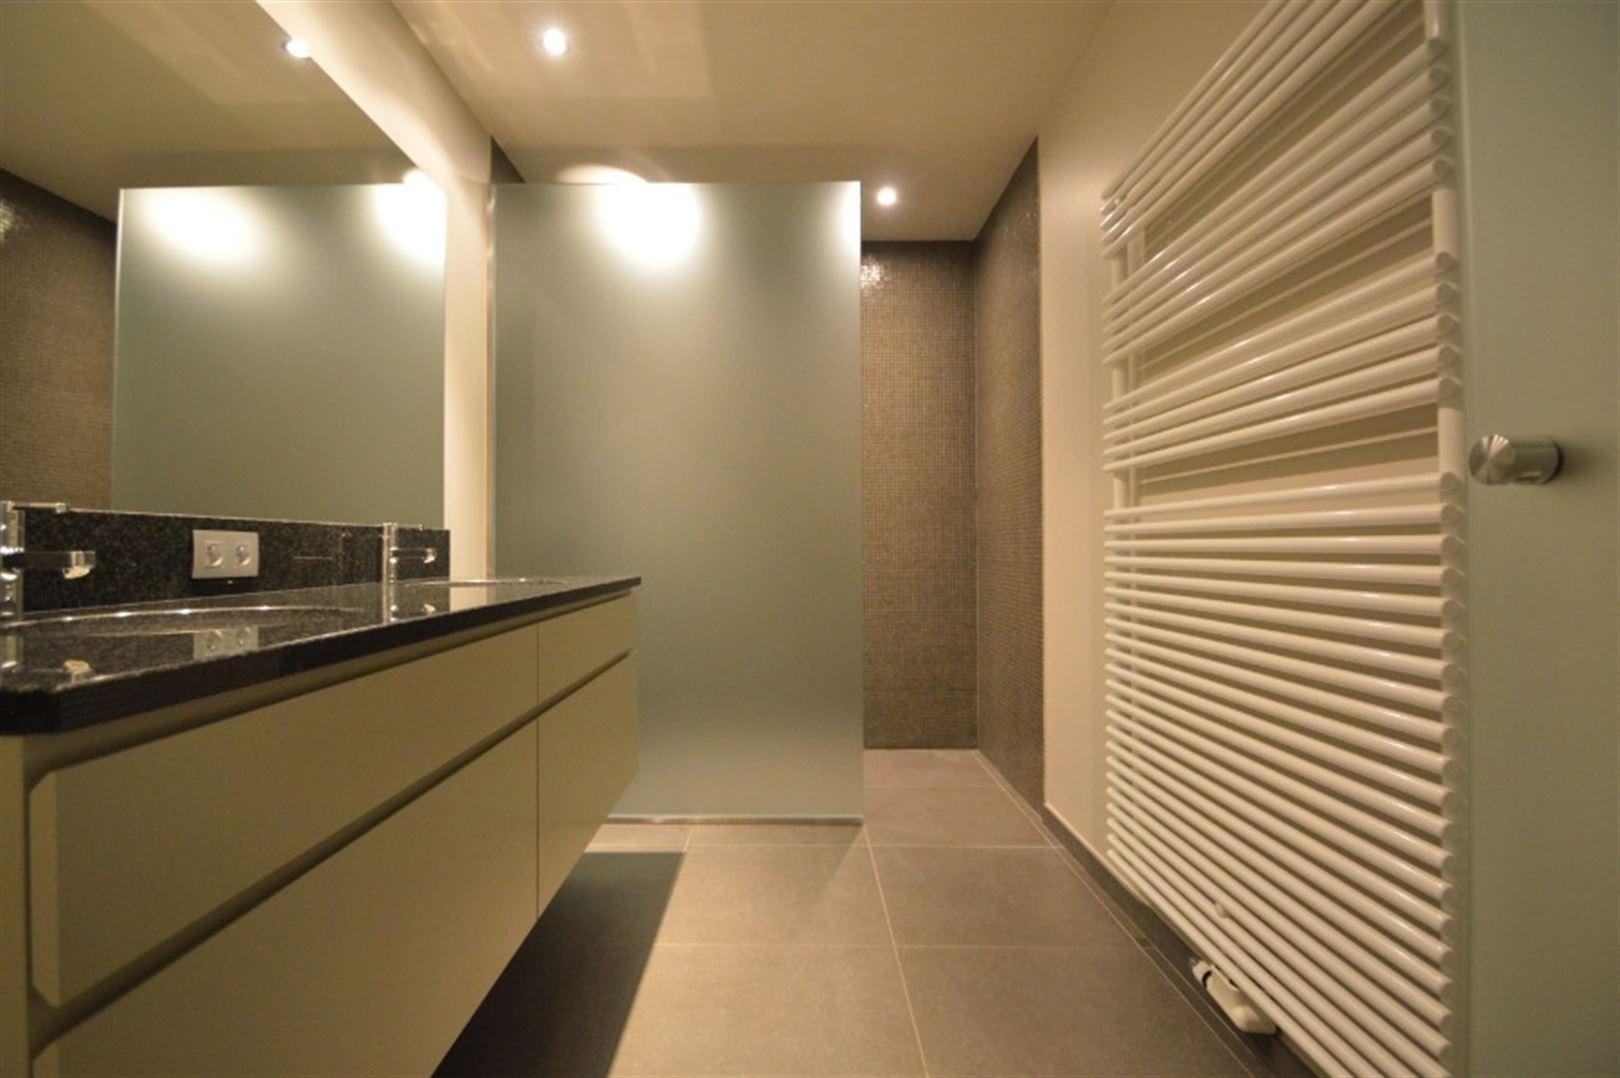 Foto 12 : Appartement te 9240 Zele (België) - Prijs € 725